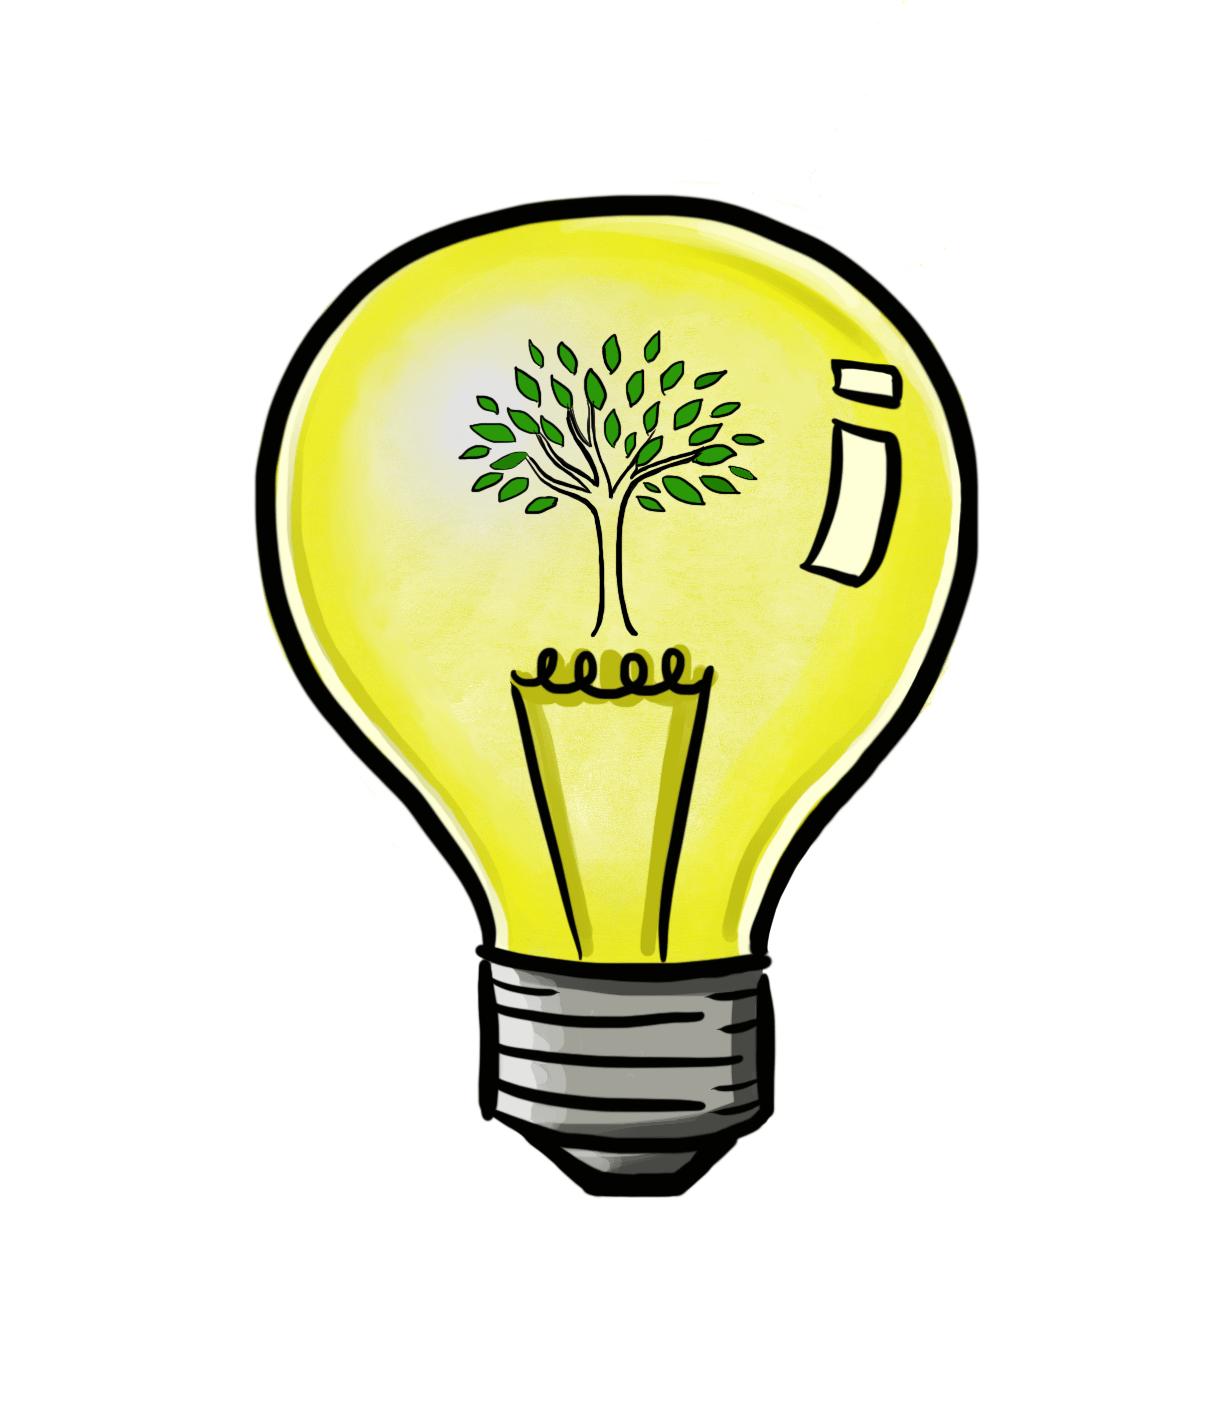 Ilustração, lâmpada e árvore